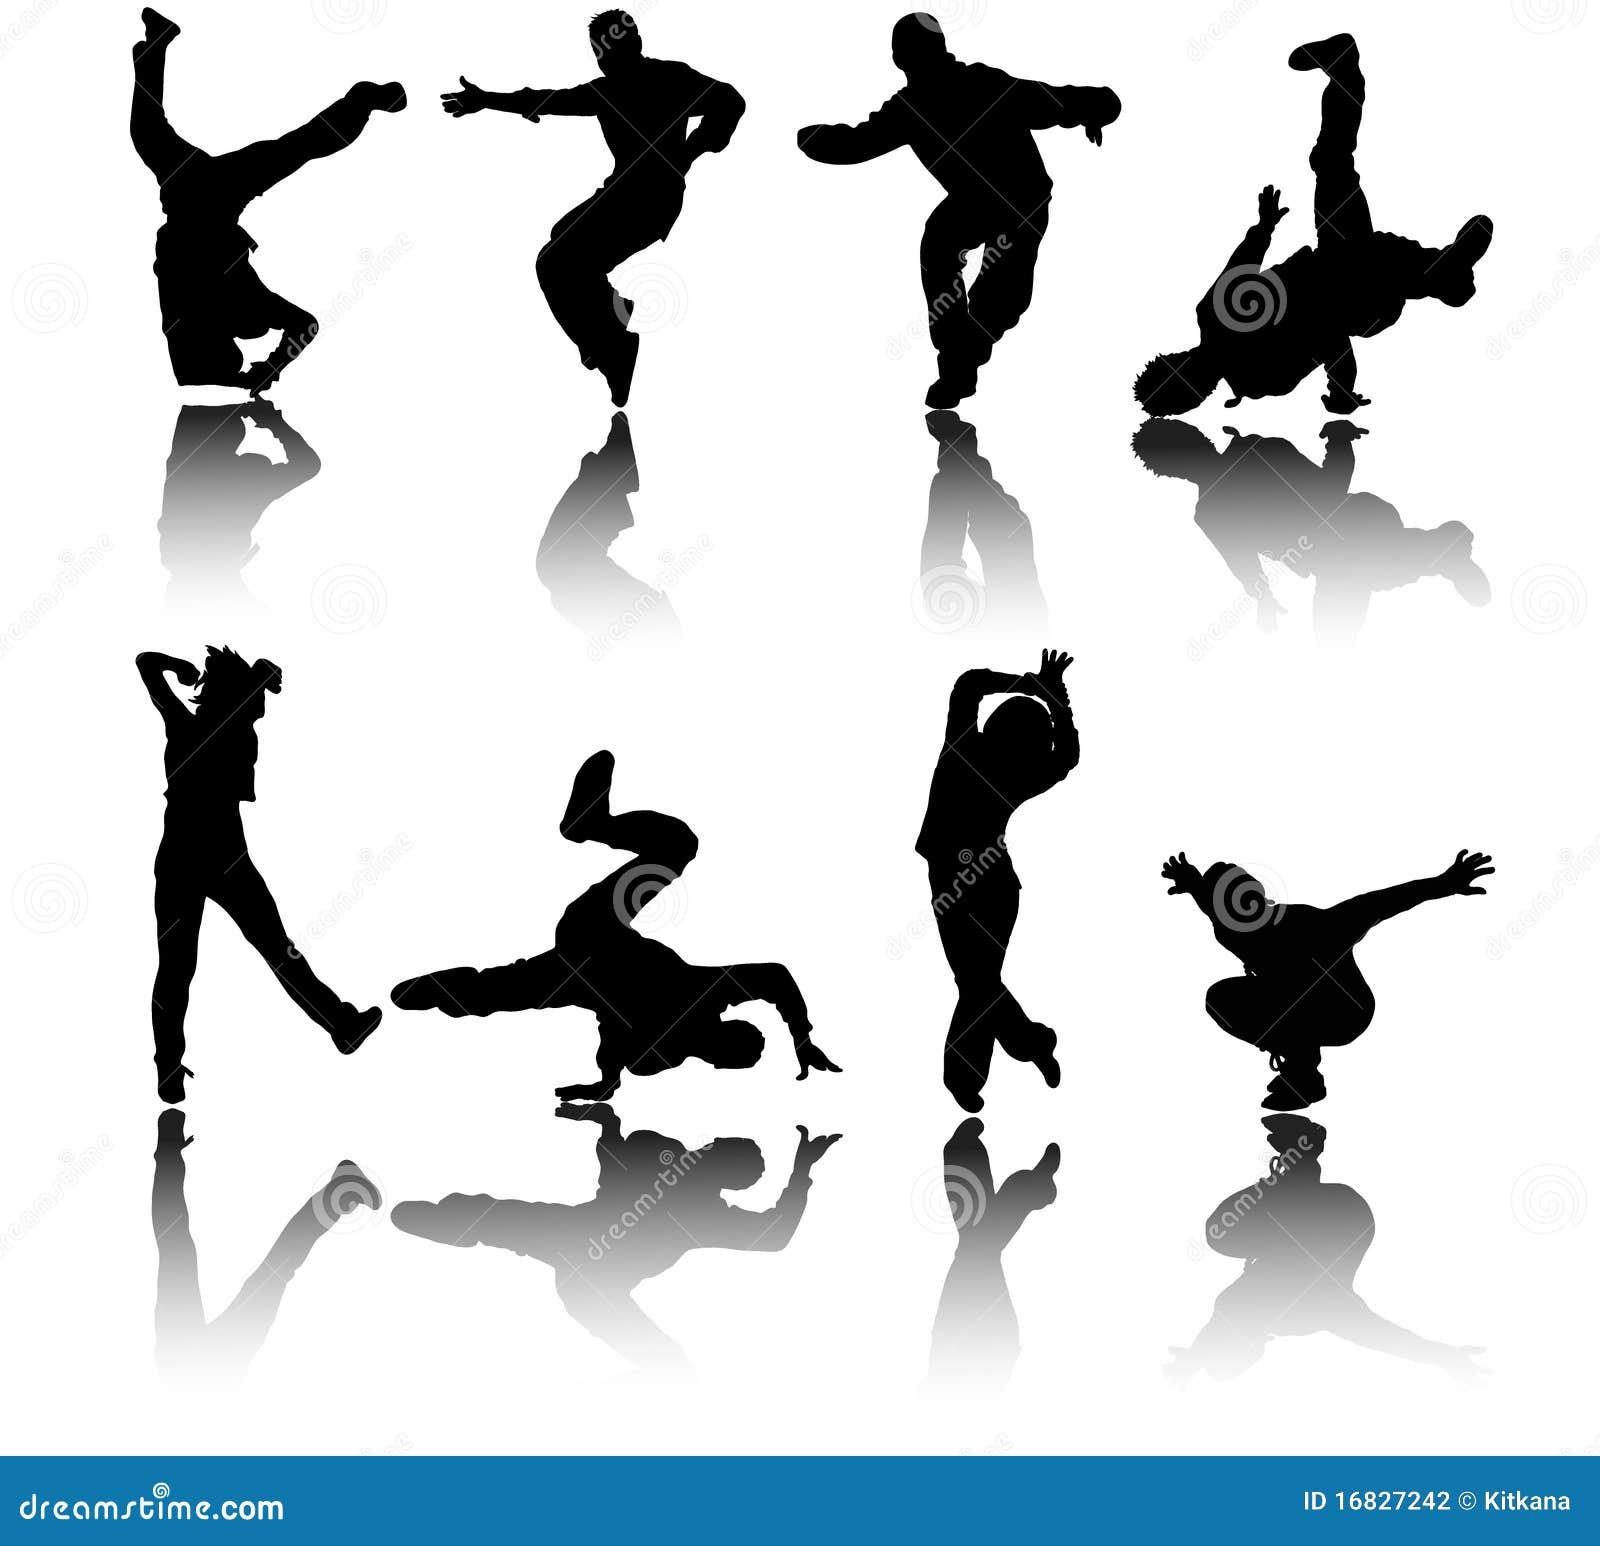 Silhouette Street Dancers Vector Stock Vector